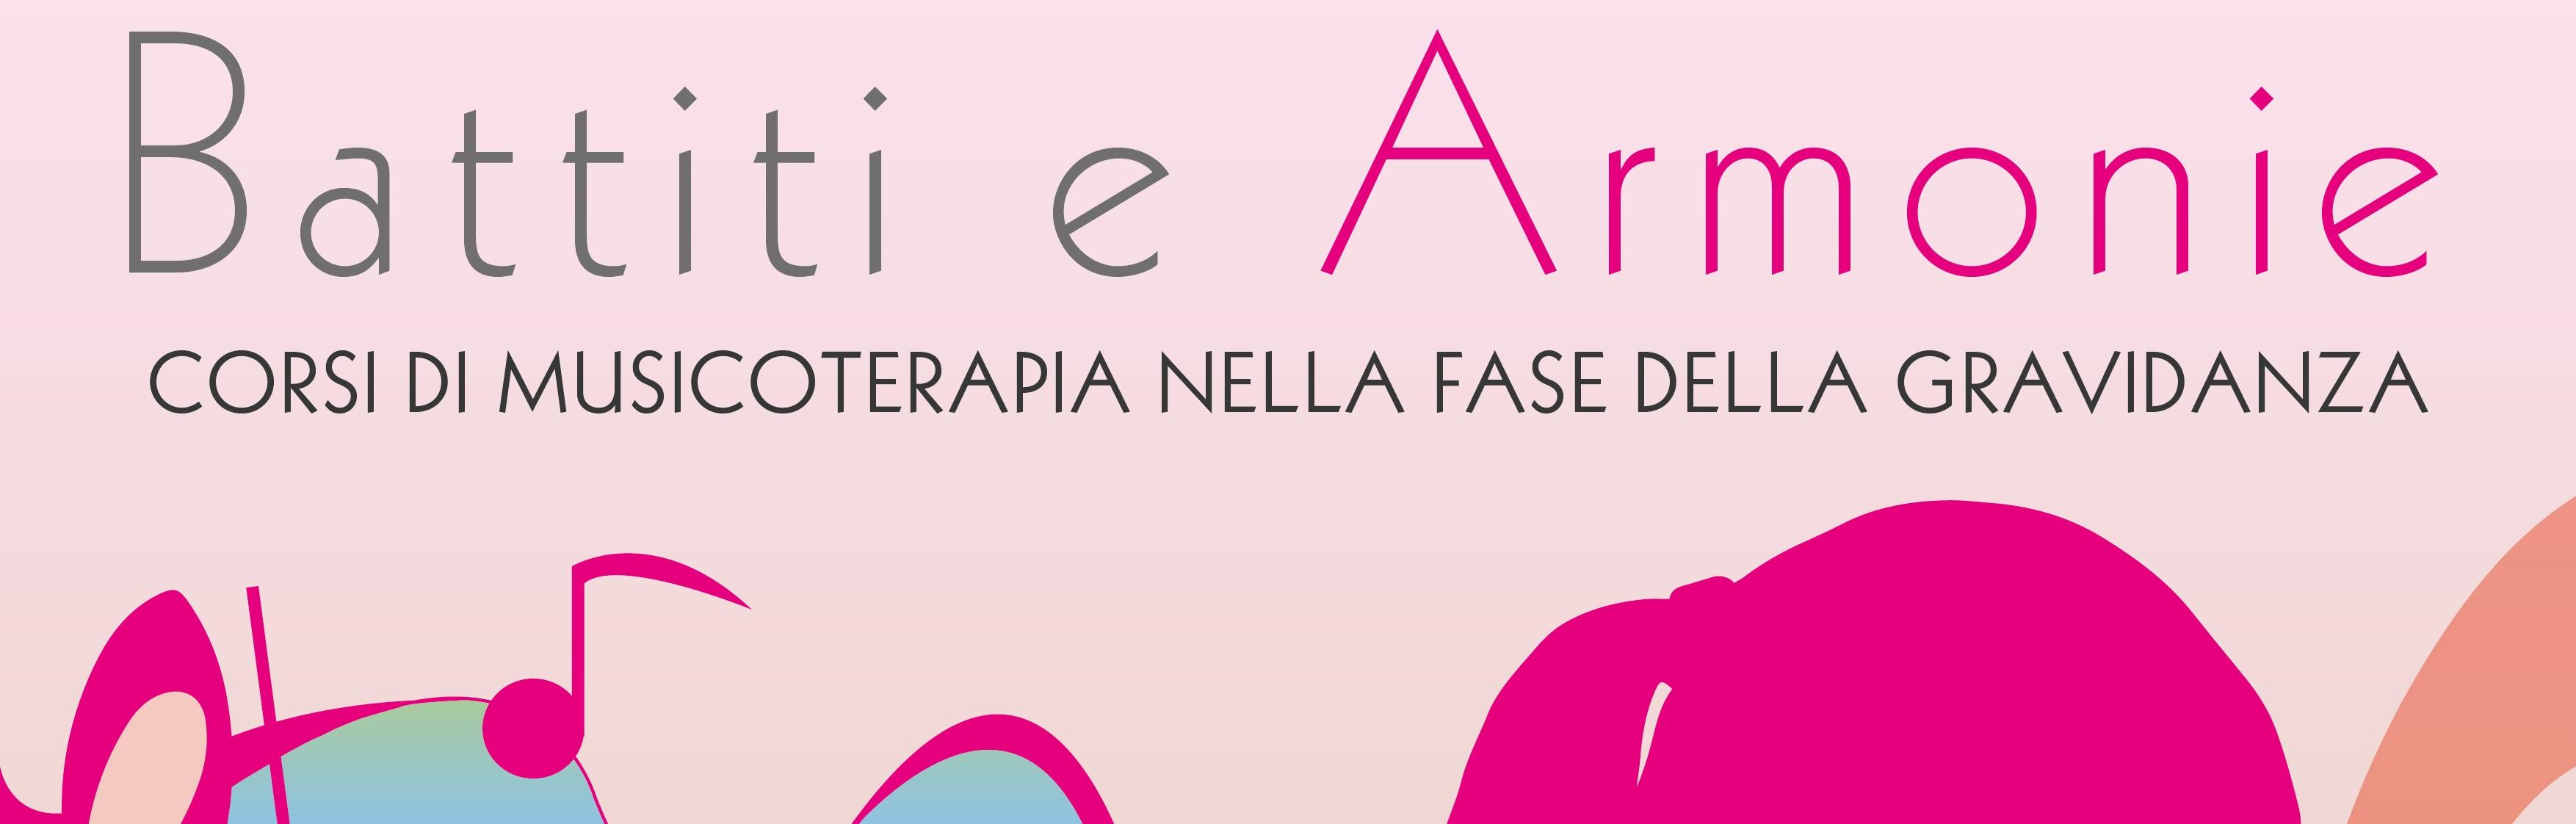 prova-banner-musicoterapia1